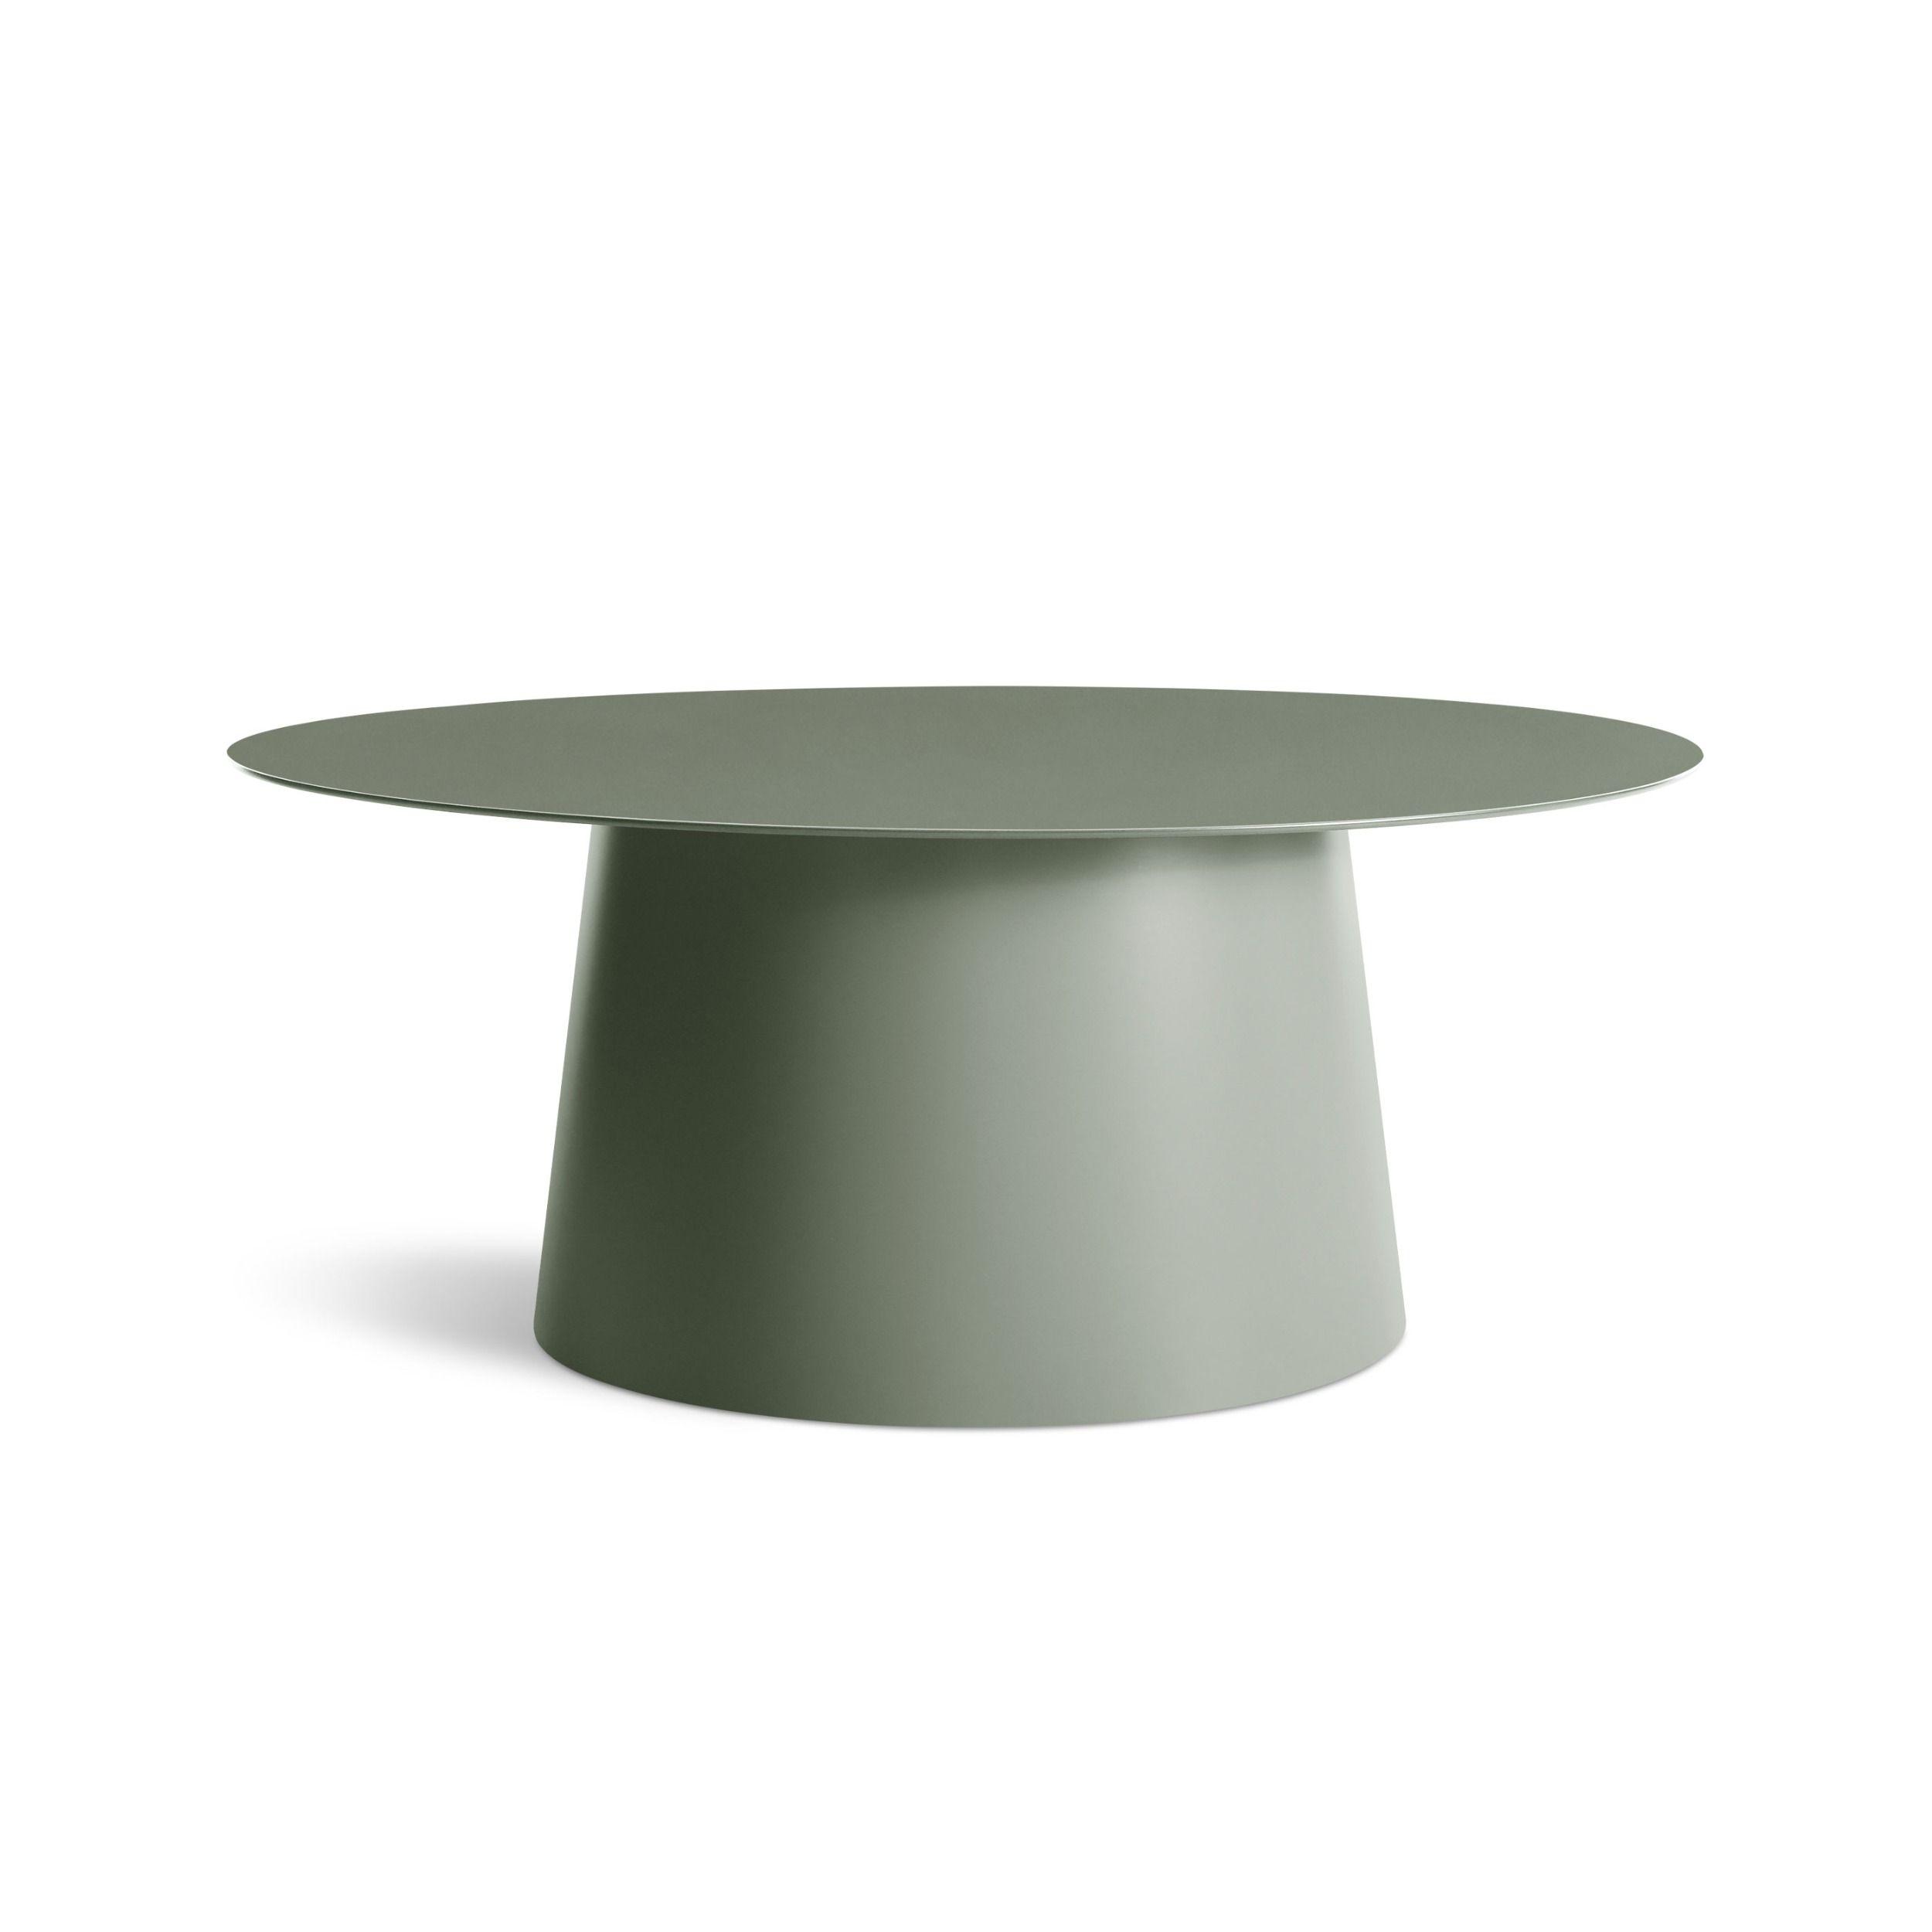 Circula Small Coffee Table In 2021 Pedestal Coffee Table Outdoor Coffee Tables Round Metal Coffee Table